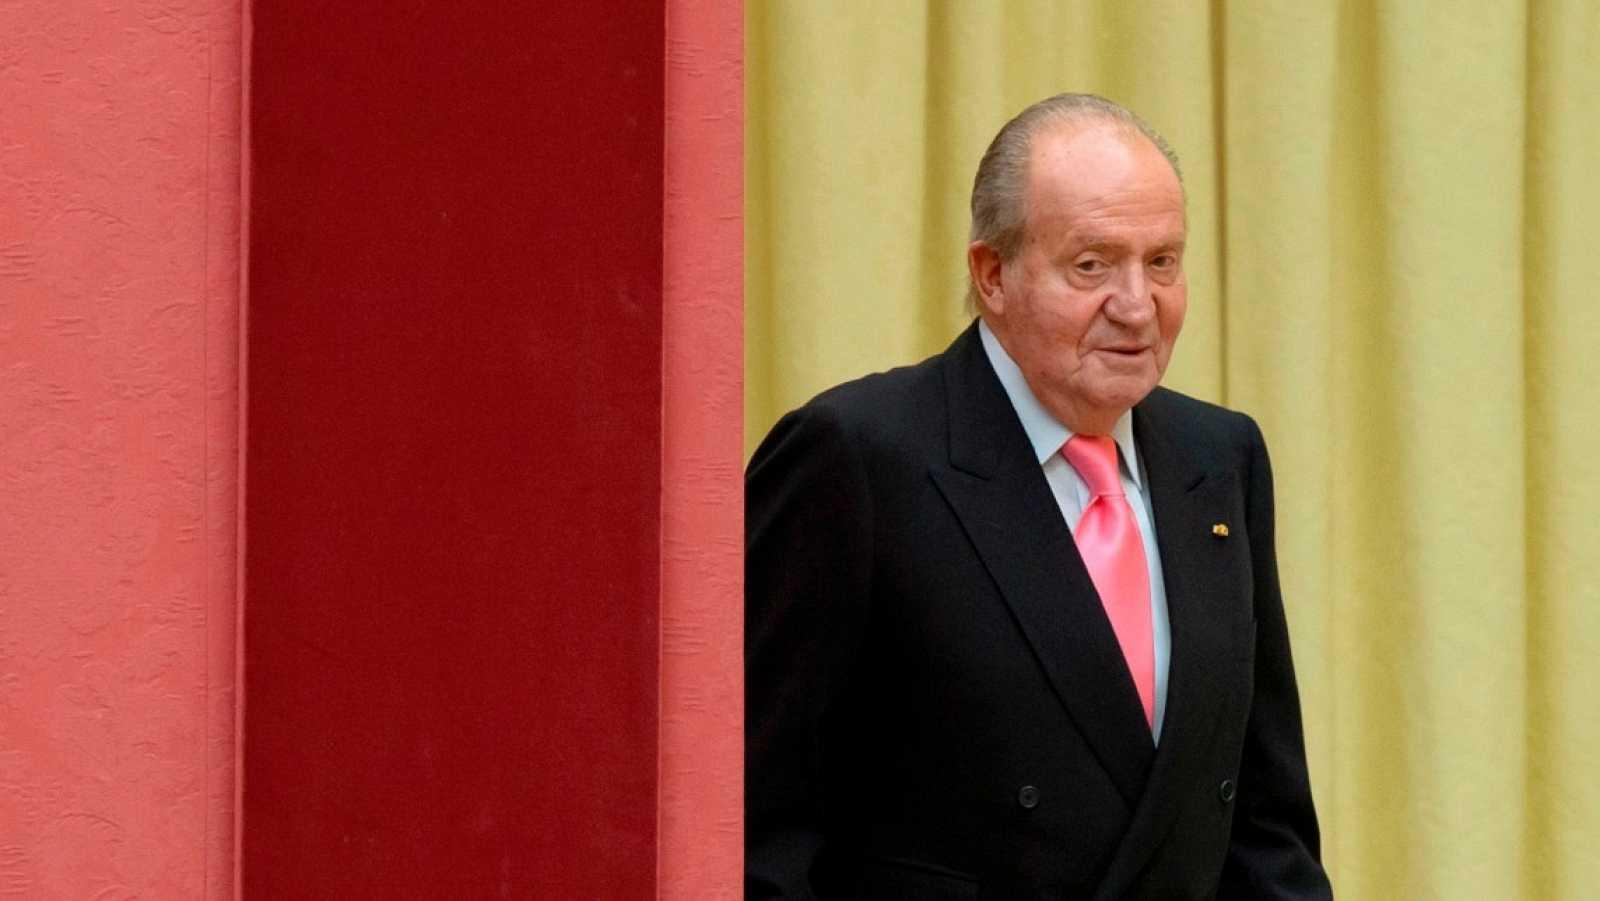 La salida de España de Juan Carlos I deja aún bastantes interrogantes por responder.